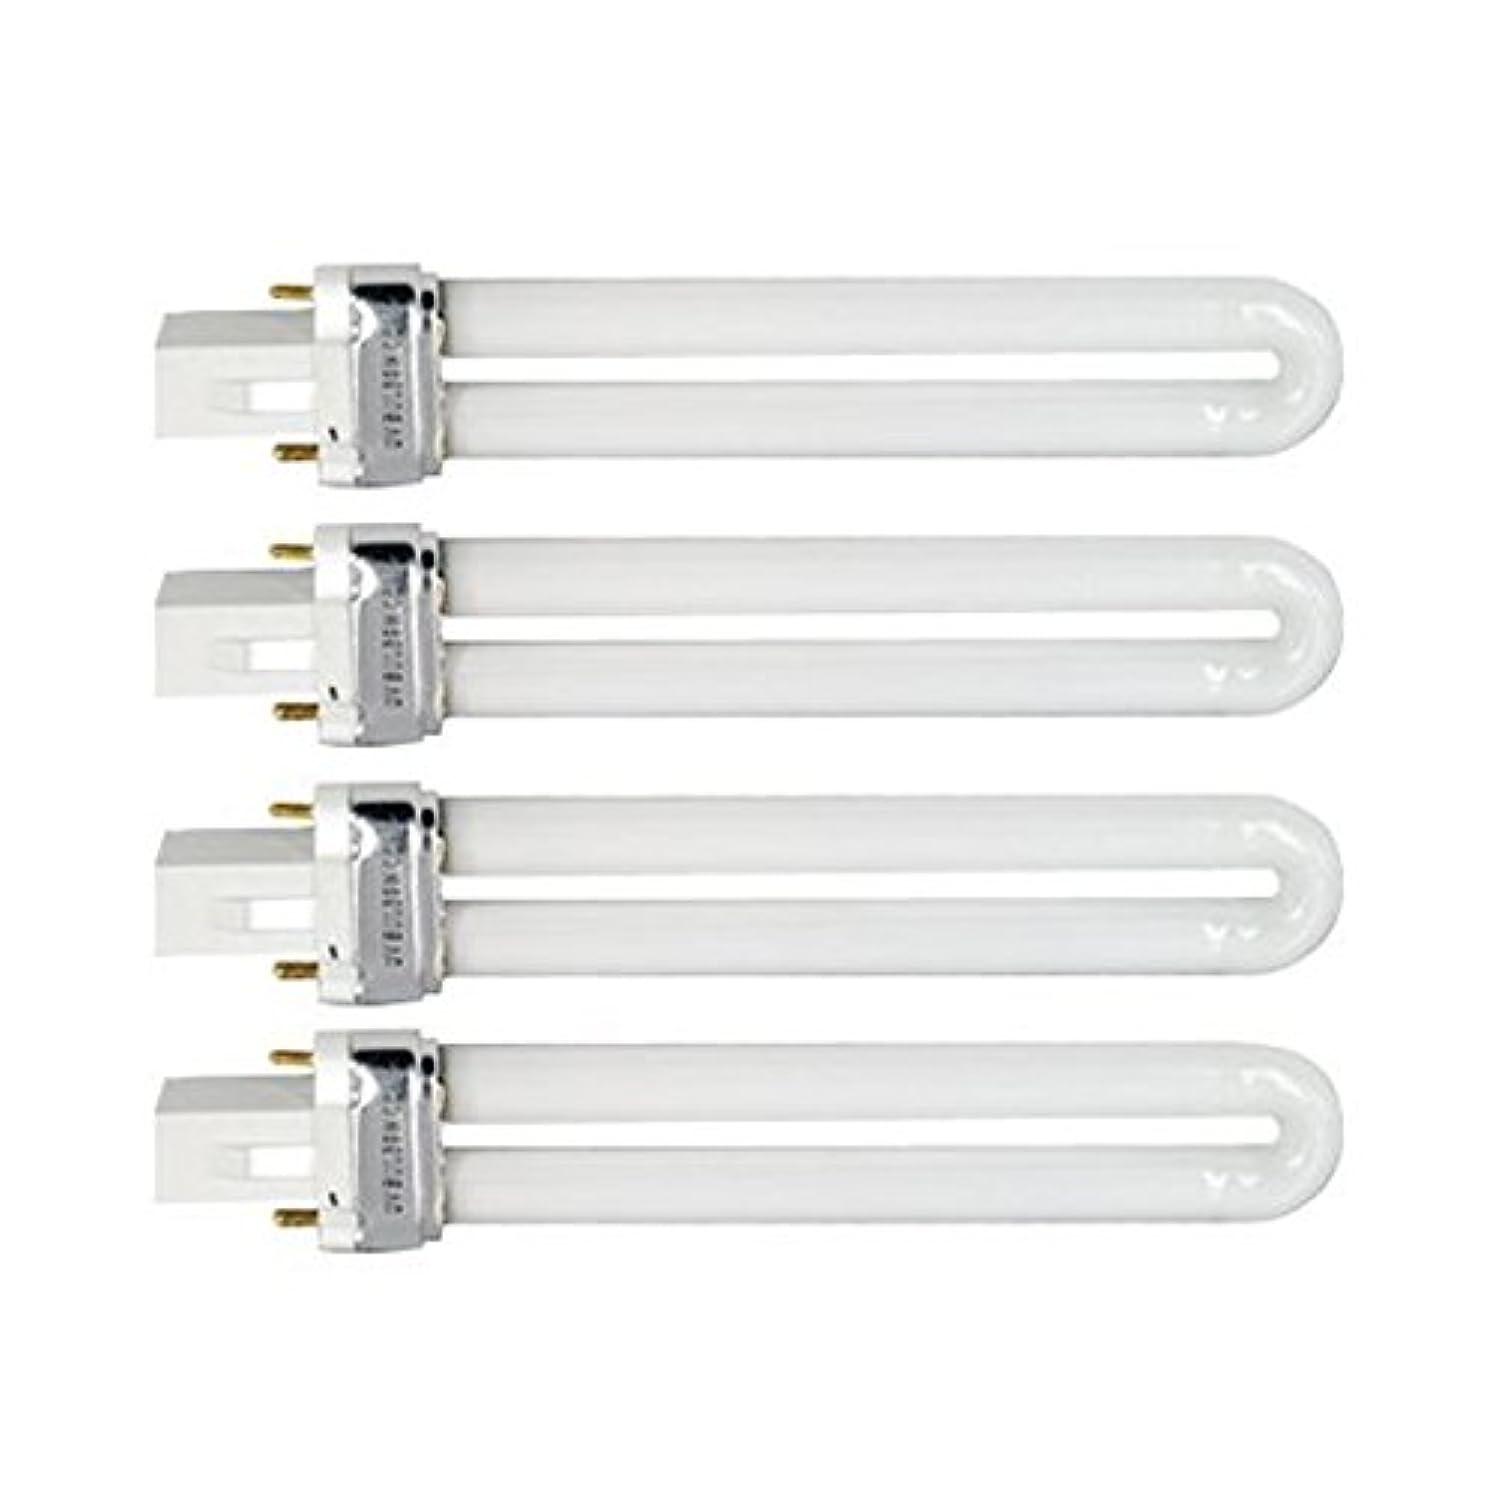 インシデント尋ねる彼自身Tinksky UV灯 紫外線 殺菌灯 電球交換 9 ワット U 型 365 nm ランプ電球チューブ ネイル アート Dryer-4 pcsset